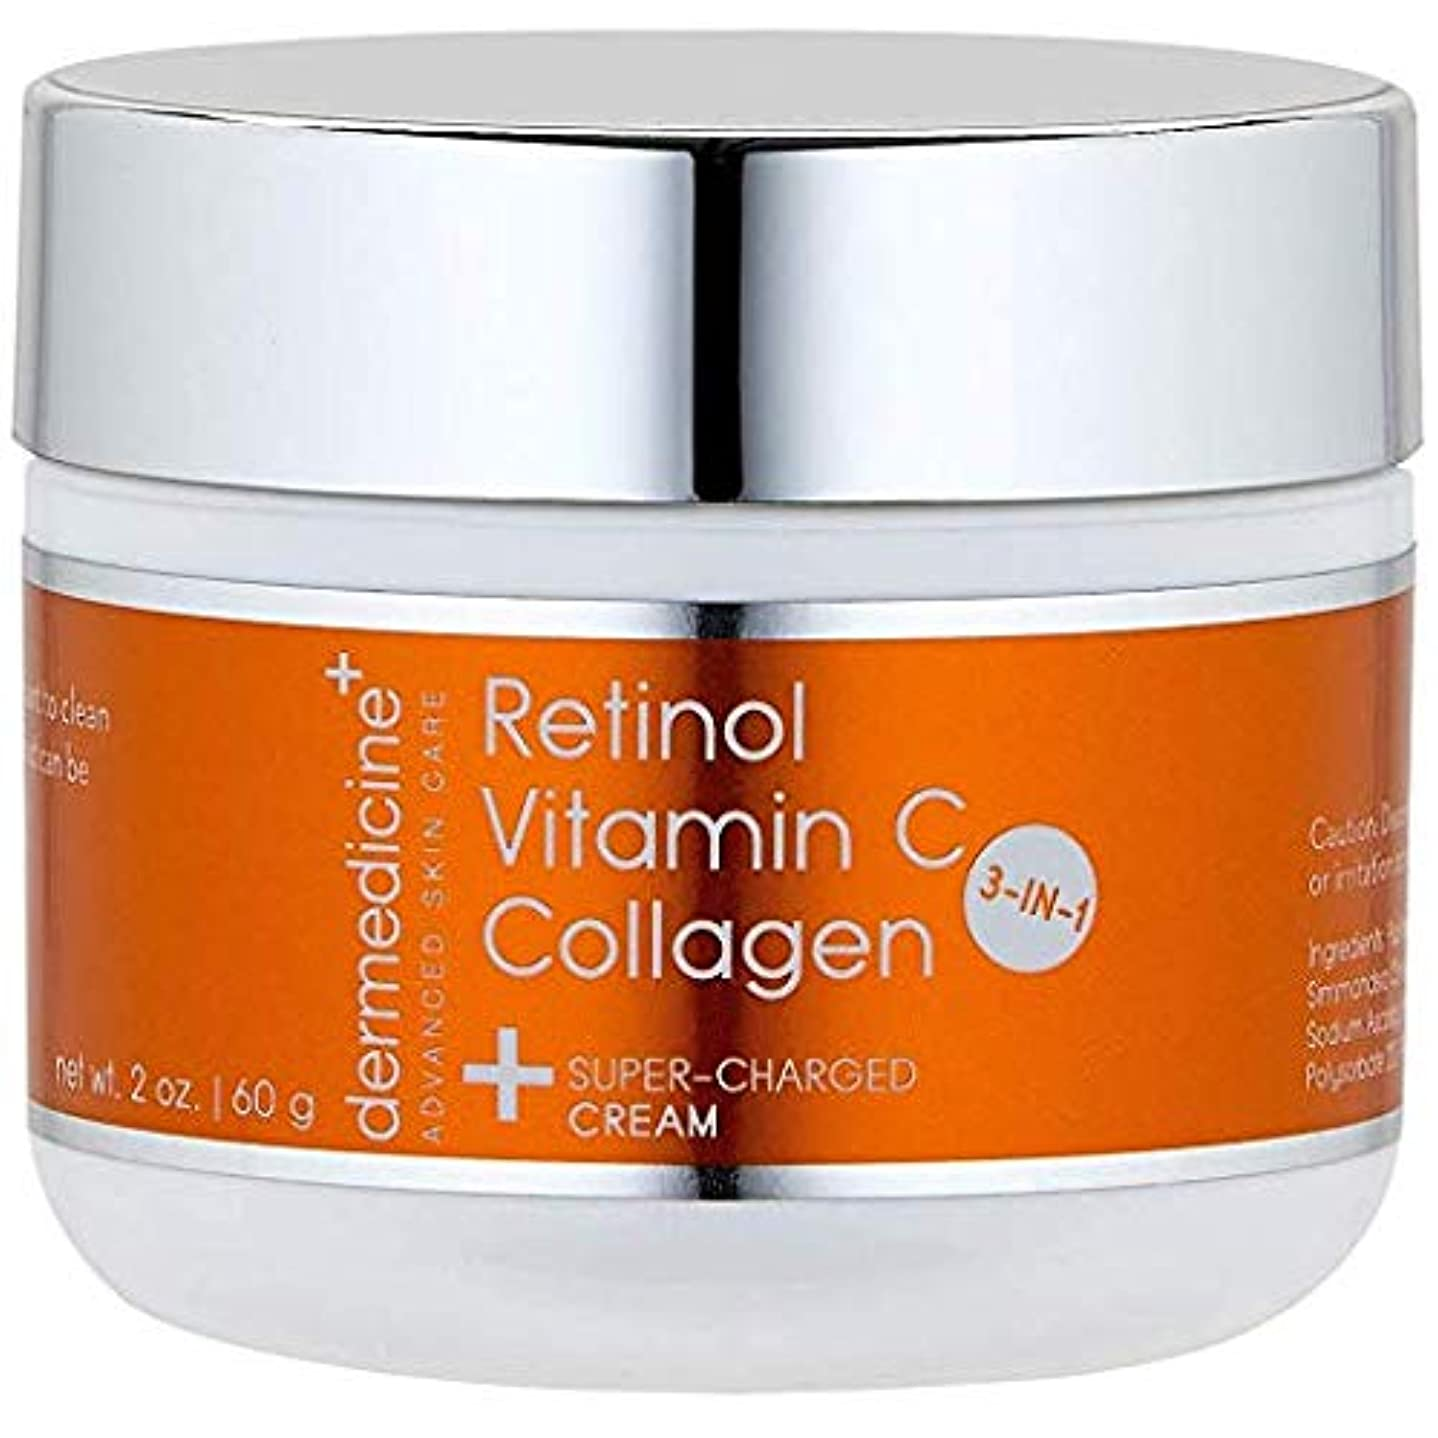 ダイヤル偶然のホットプレミアム エイジングケアクリーム【3IN1】 コラーゲン+レチノール+ビタミンC配合 60g シミ取り&シワ取り ほうれい線を取り、顔のリフトアップも(若々しい弾力のある肌へ)